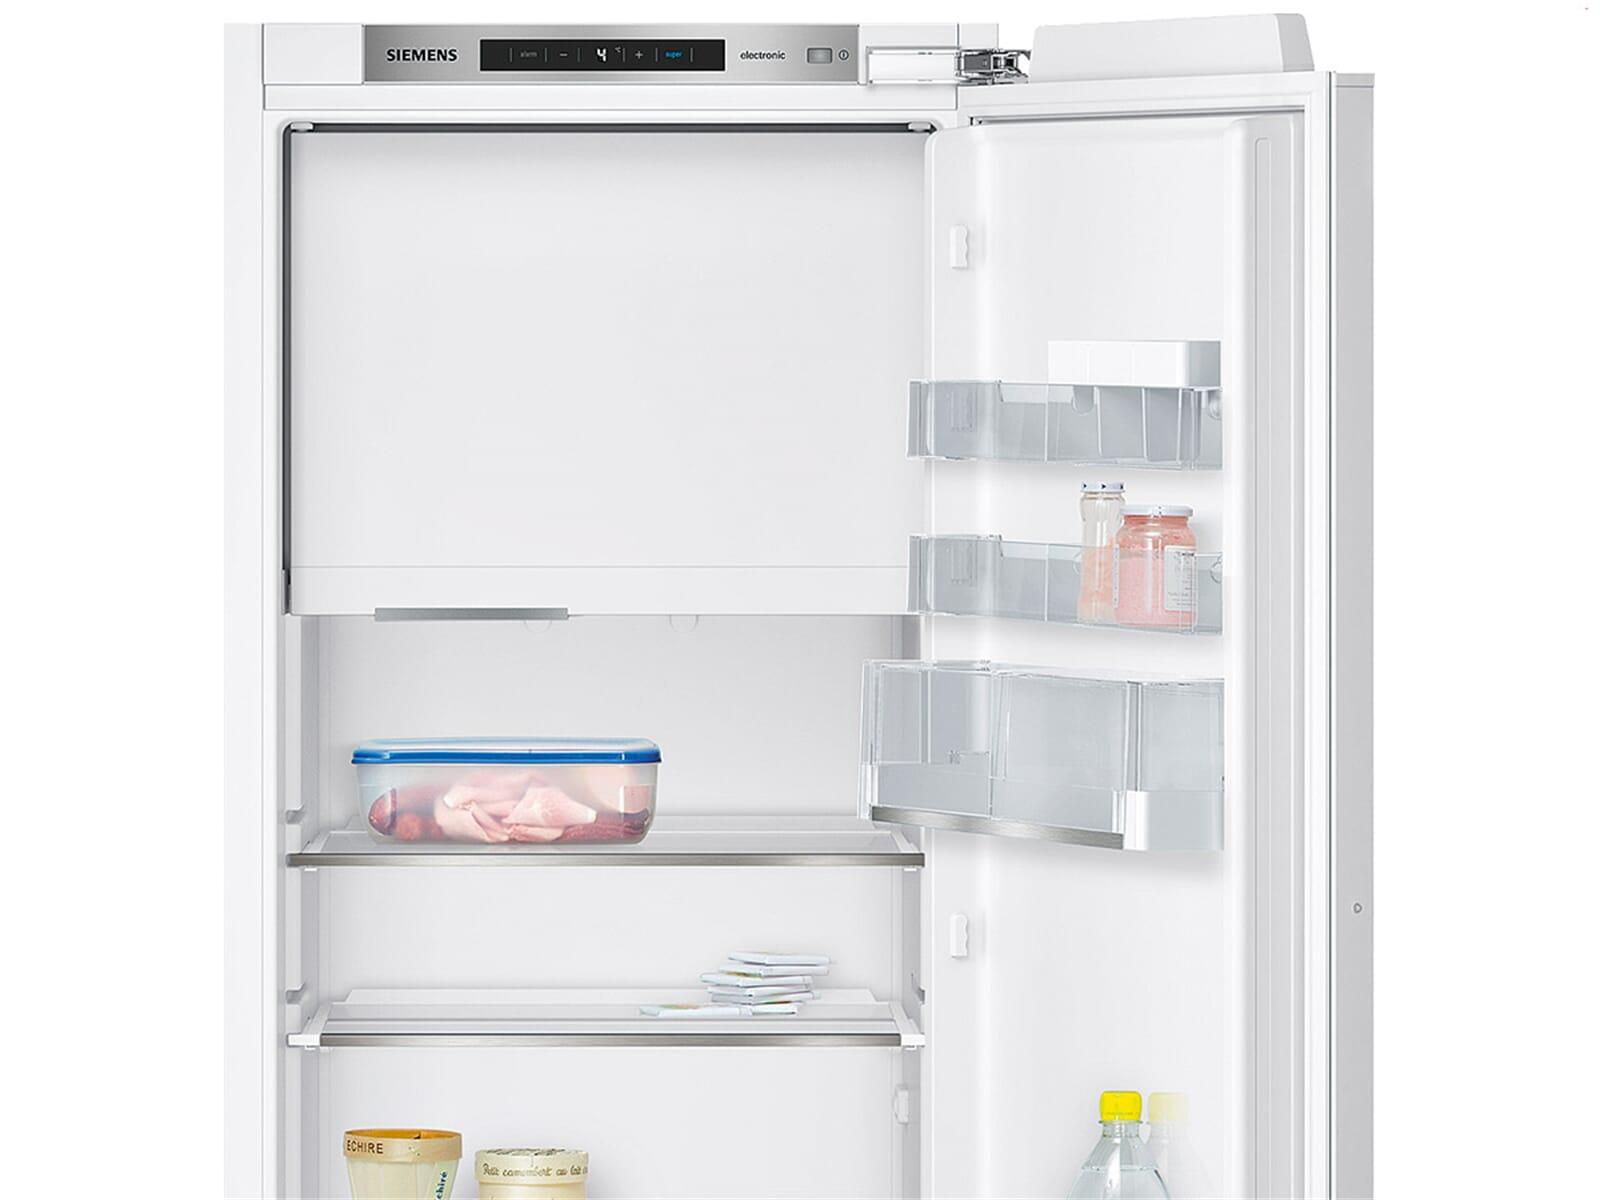 Siemens Kühlschrank Gebraucht : Siemens ki72lad40 einbaukühlschrank